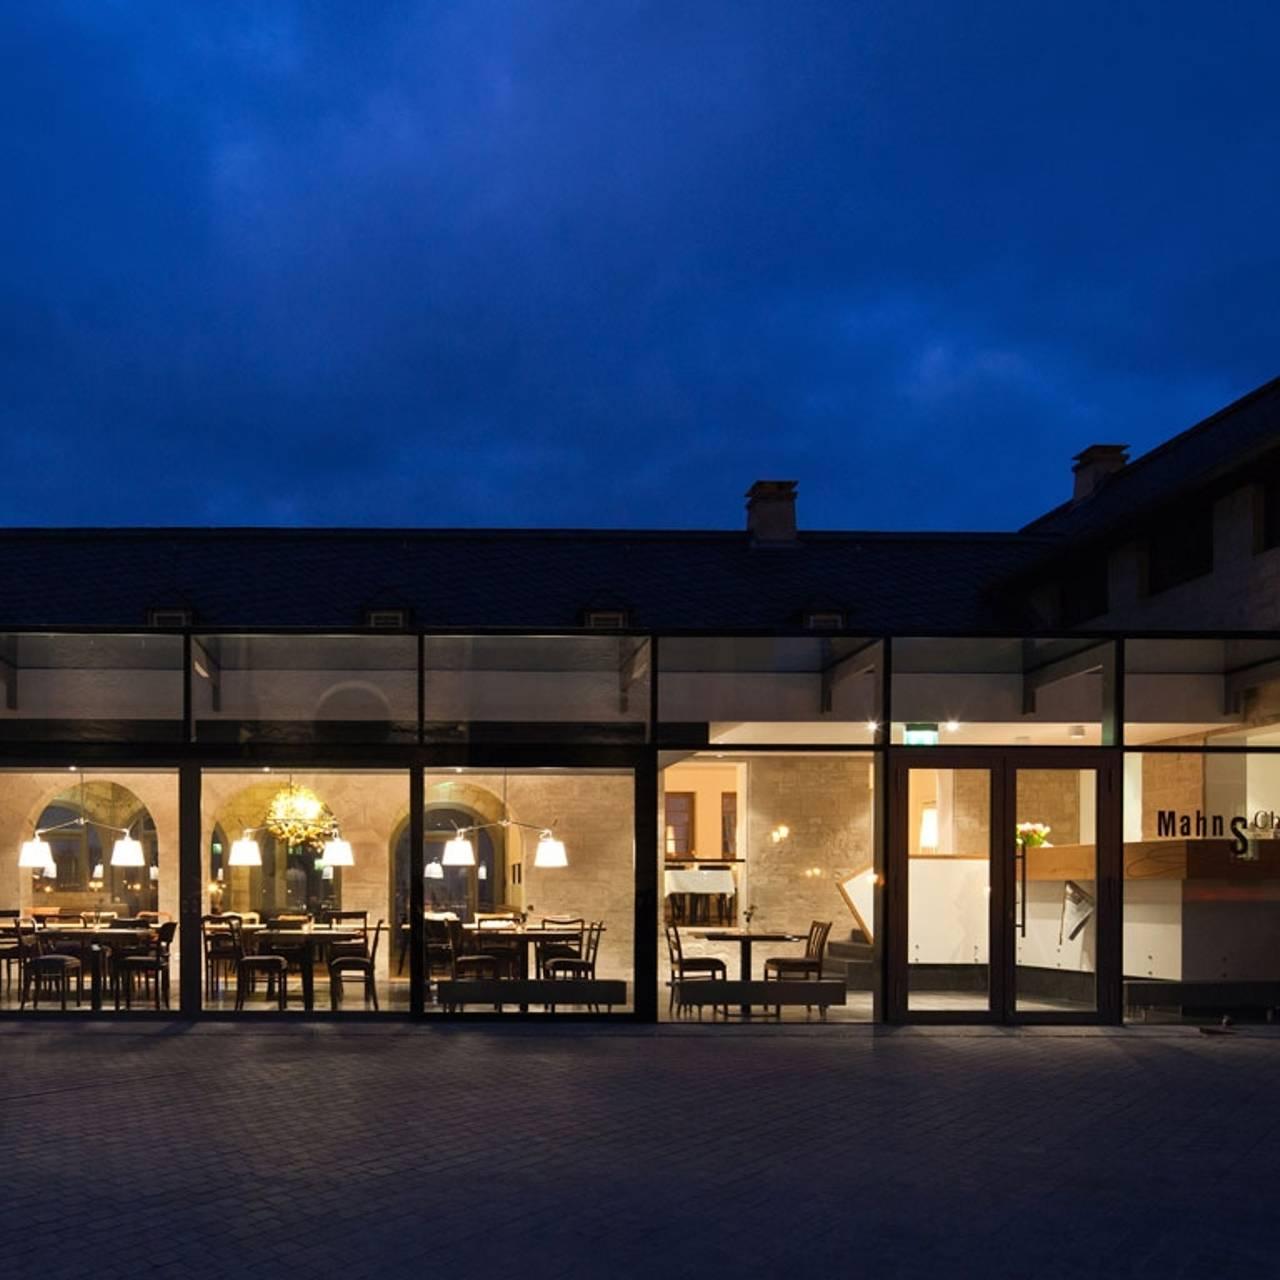 Deutsche Küche Halle | Mahns Chateau Restaurant Halle St Opentable